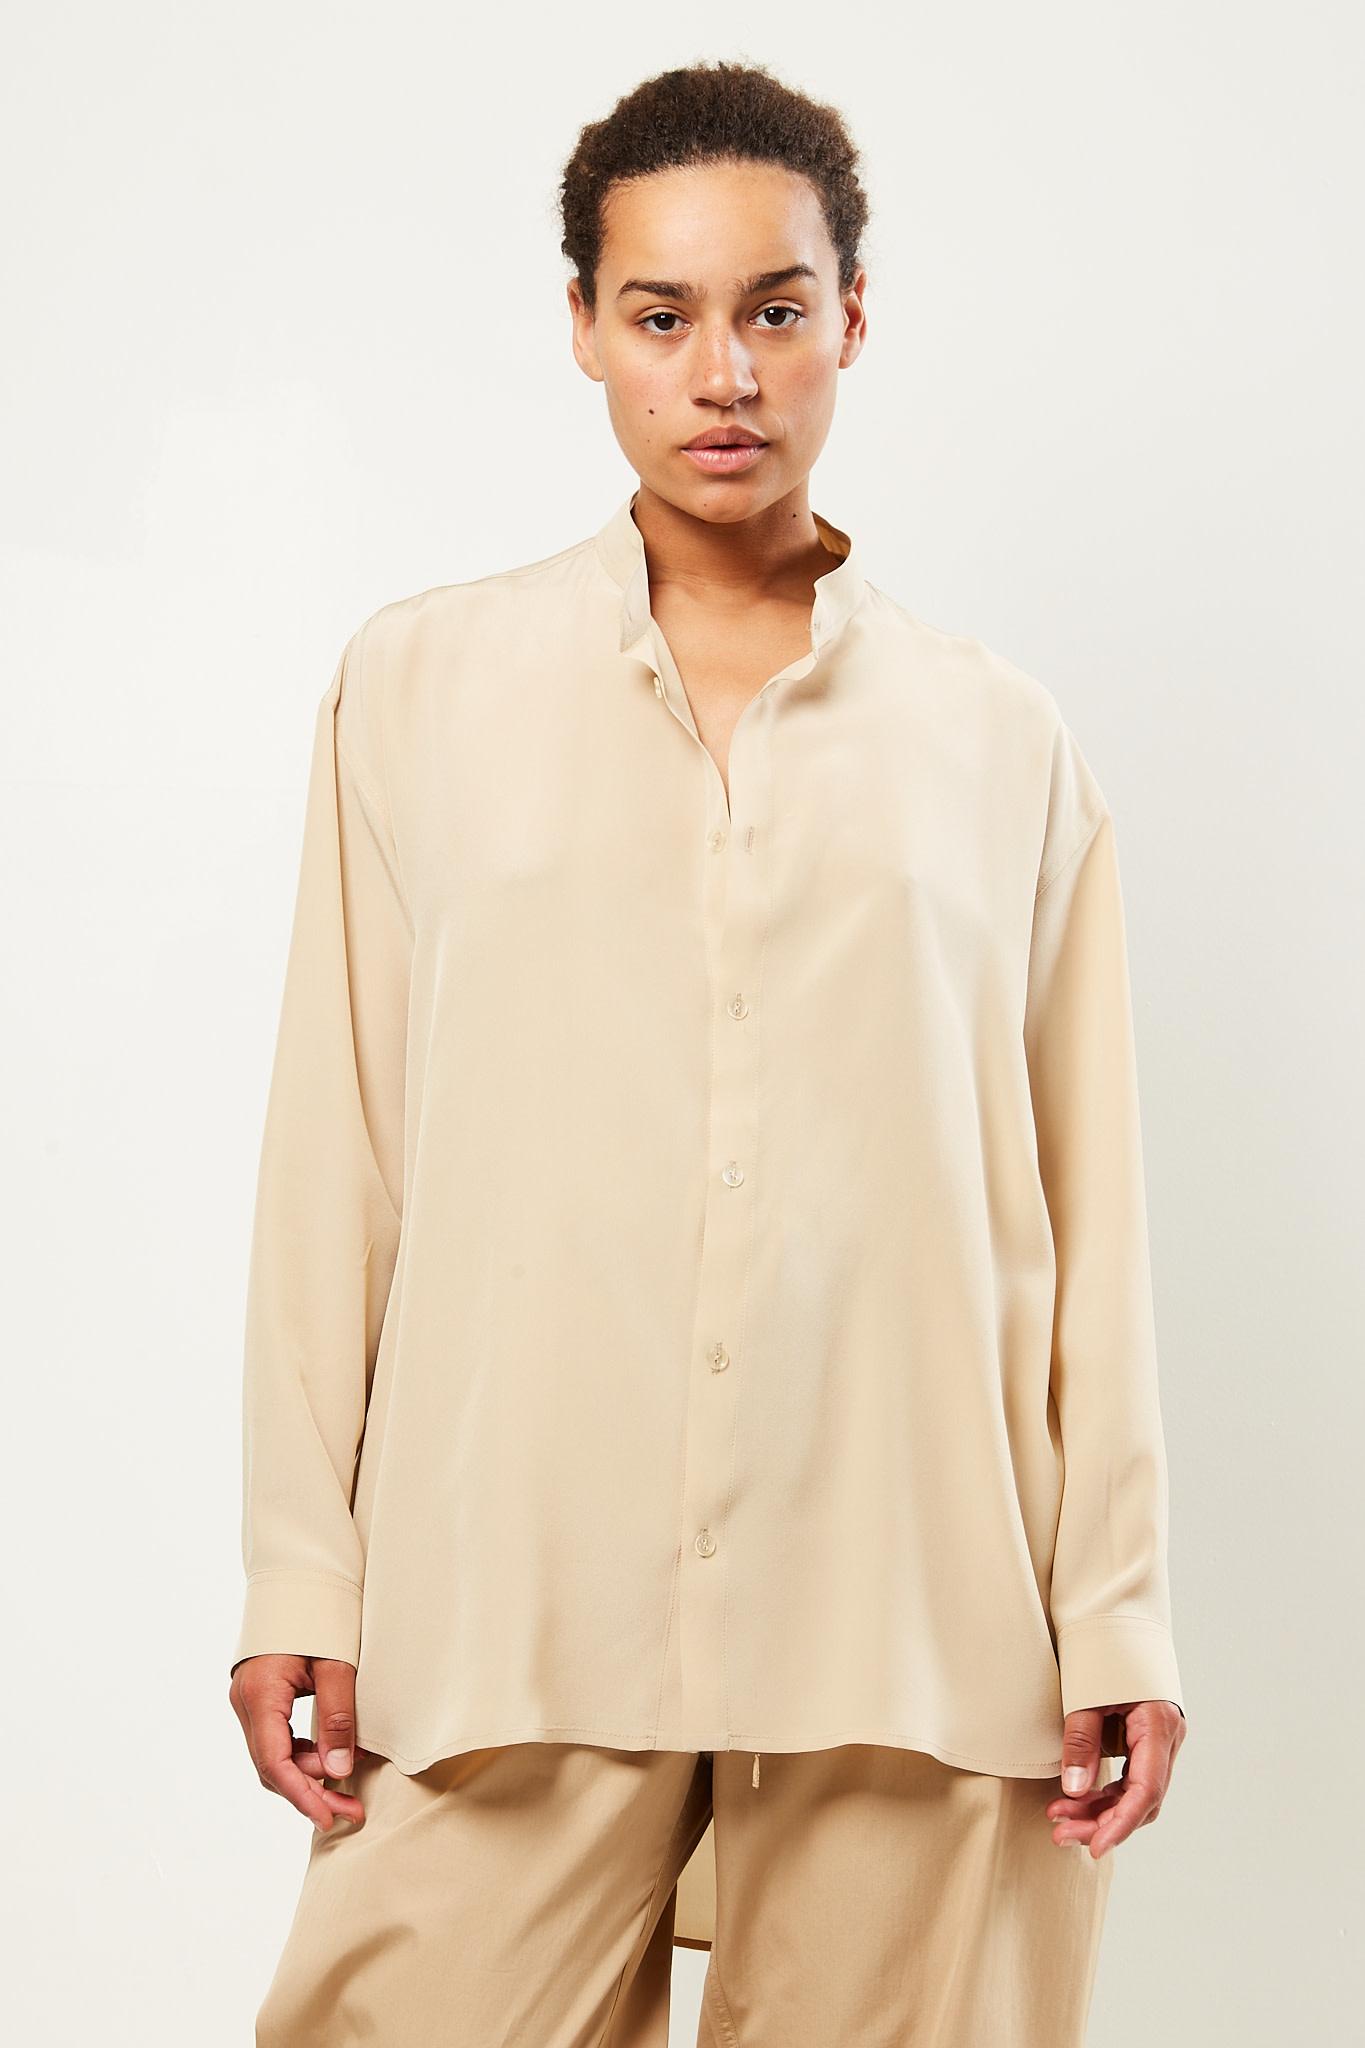 Monique van Heist - 1+5 silk shirt